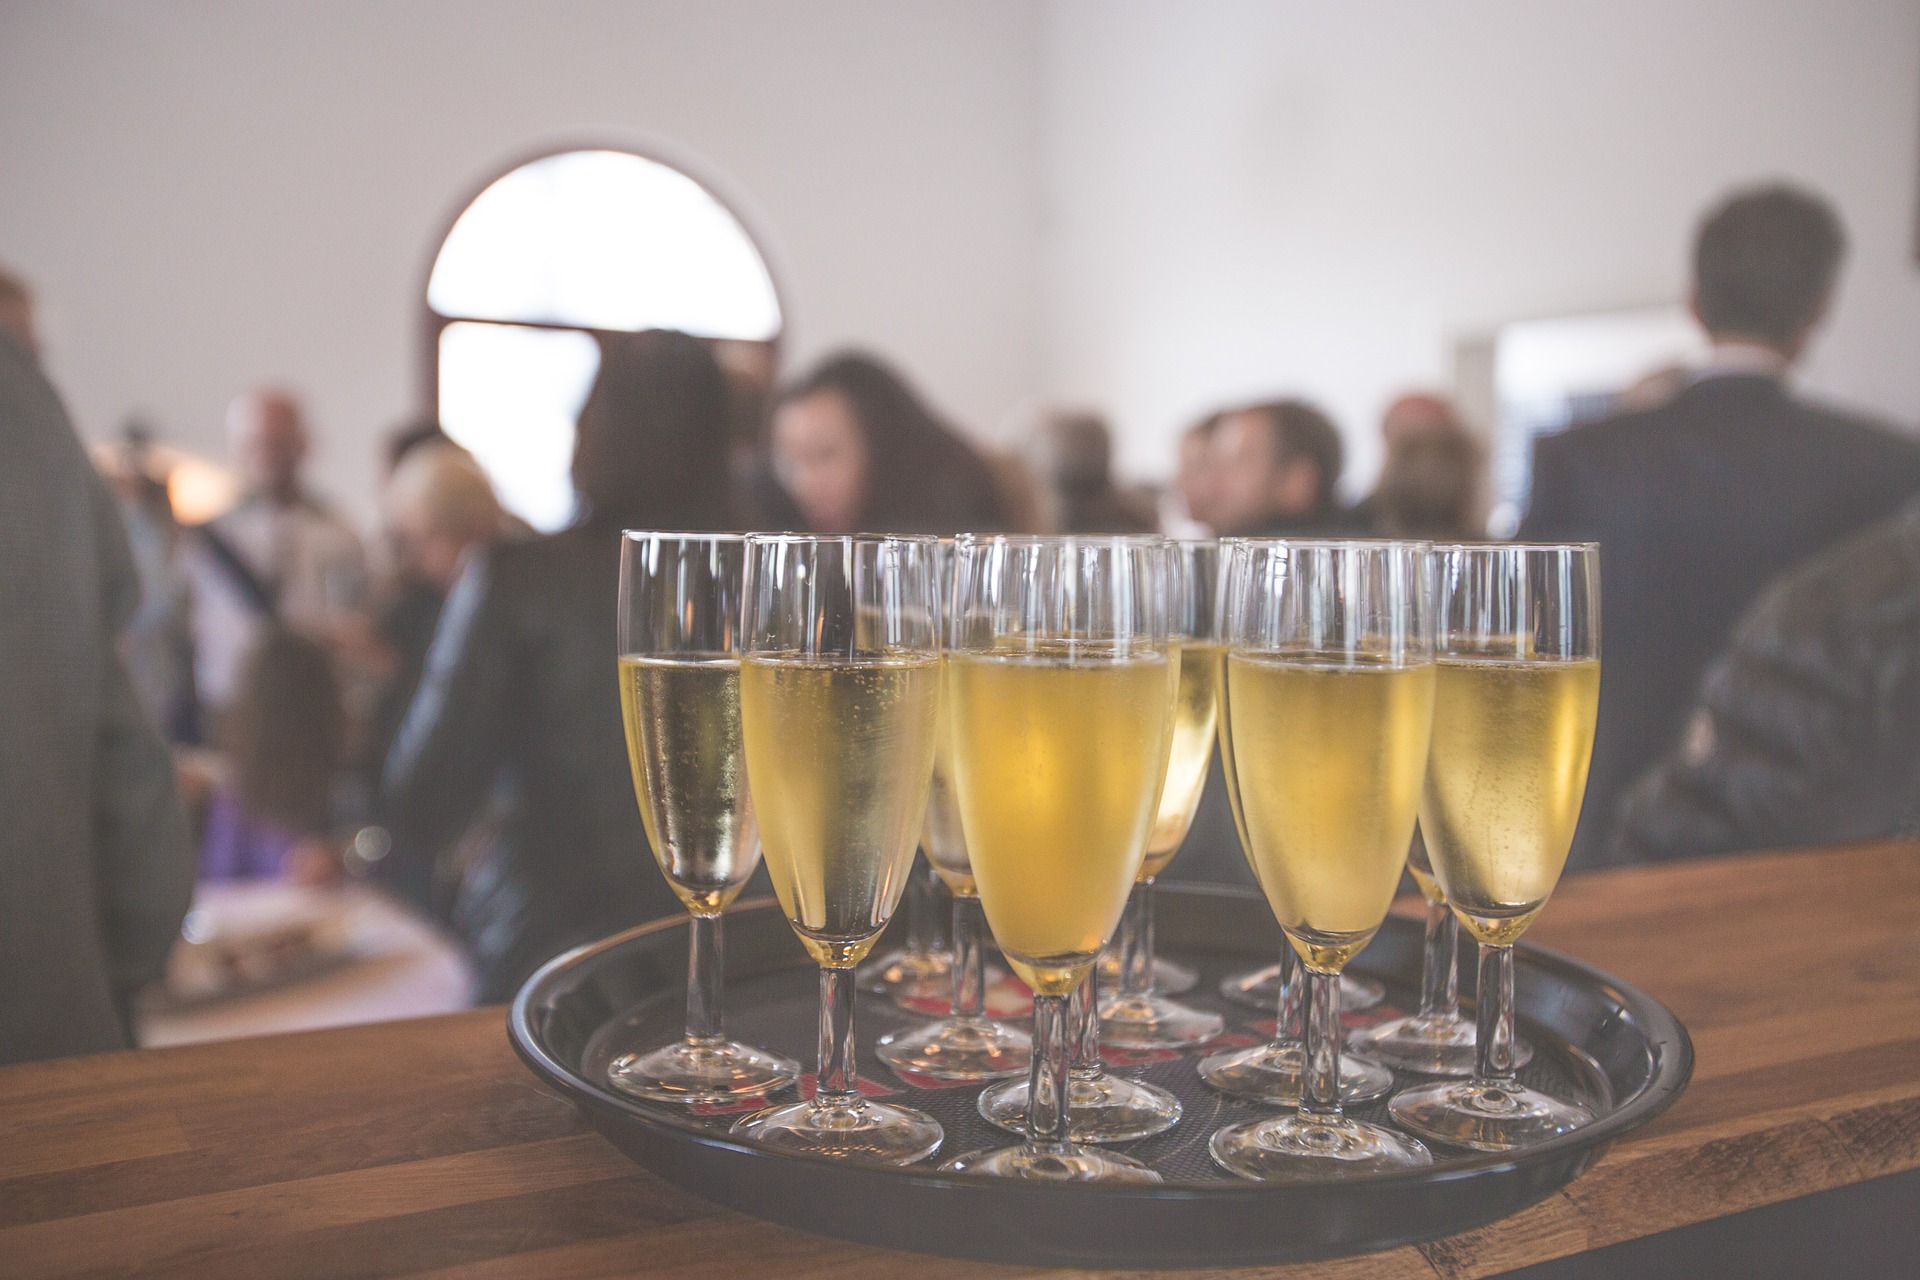 כל מה שרציתם לדעת על בחירת אולם חתונות בירושלים